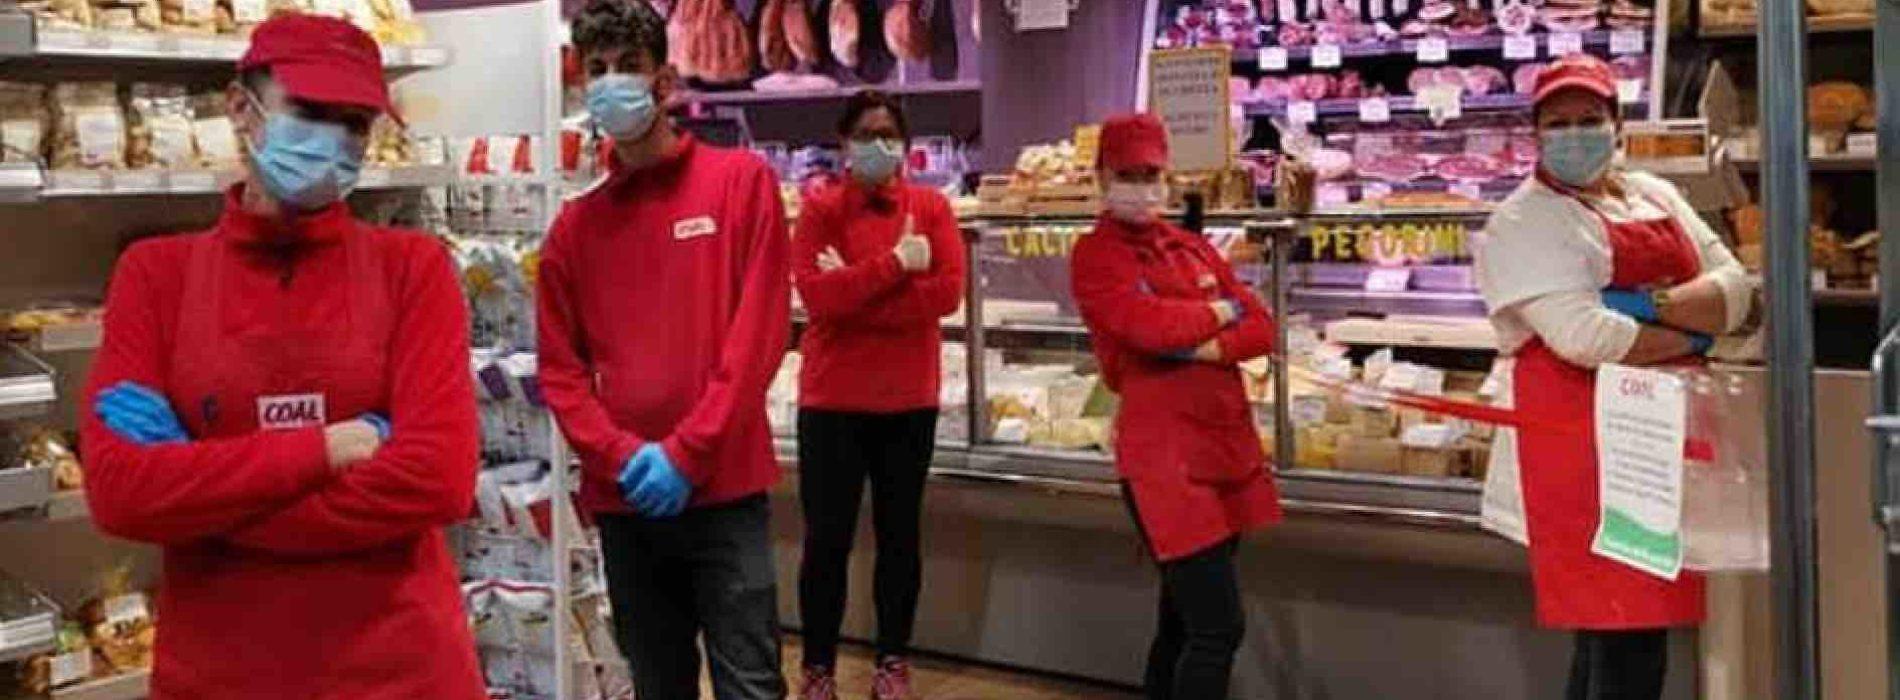 Sciopero dei supermercati, se dilaga la protesta siamo nei guai